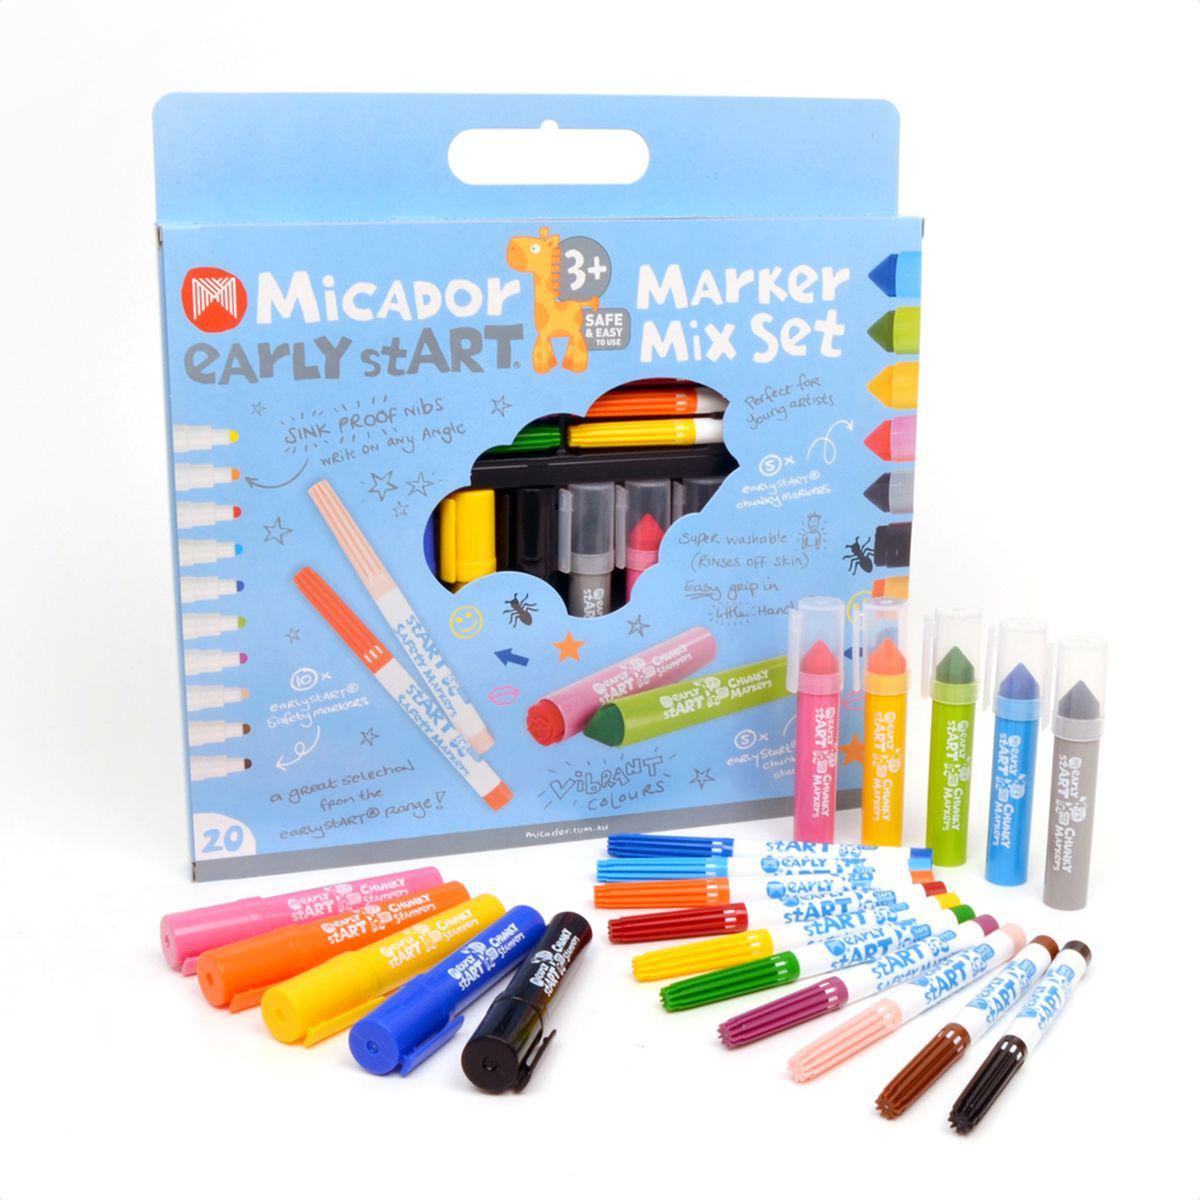 Micador Набор фломастеров и штампиков для малышей 10 предметовM044908Набор для маленьких художников Micador включает в себя 10 фломастеров для малышей с закругленным стержнем, 5 коротких фломастеров с самой удобной формой для маленьких ладошек и 5 забавных штампиков, чтобы дополнить рисунки.Специальный наконечник фломастеров позволяет малышам рисовать под любым углом.Насыщенные цвета остаются яркими на бумаге даже после высыхания чернил. Вентилируемый колпачок предотвращает высыхание чернил.Не высыхают до 8 недель. Сухие фломастеры можно легко восстановить, опустив наконечник в воду. Фломастеры не содержат спирта, растворителей, токсичных веществ, поэтому полностью безопасны для маленьких детей. Следы от фломастеров легко отстирываются от любой поверхности даже в холодной воде.Рисование развивает творческие способности, воображение, логику, память, мышление.